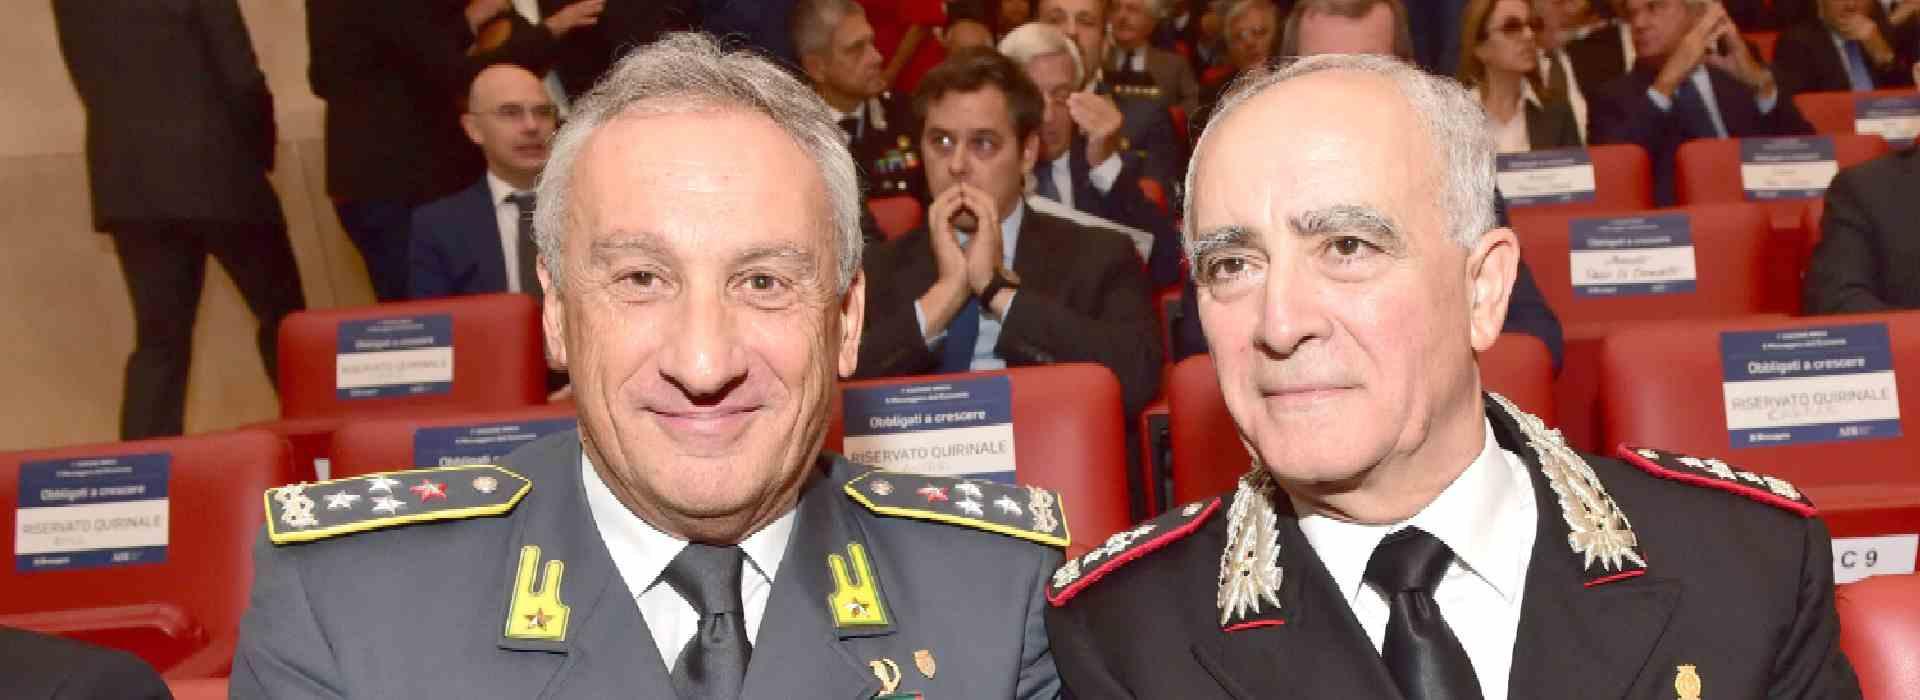 Loggia Ungheria, nella loggia Ungheria i generali Toschi e Del Sette